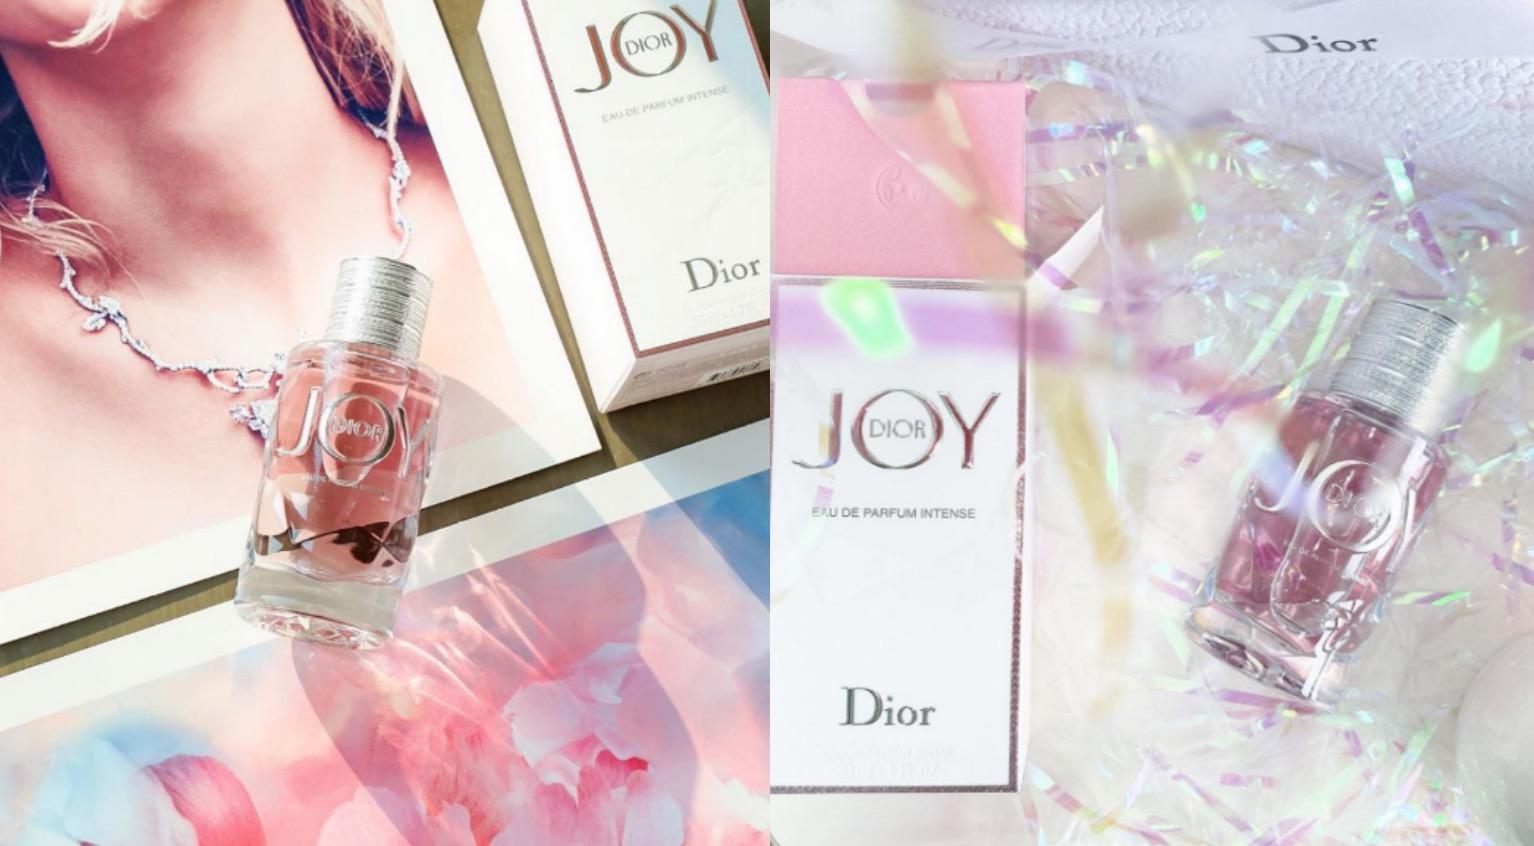 迪奧JOY by Dior系列推出新品!盛放如絢爛花火般的歡愉氣息